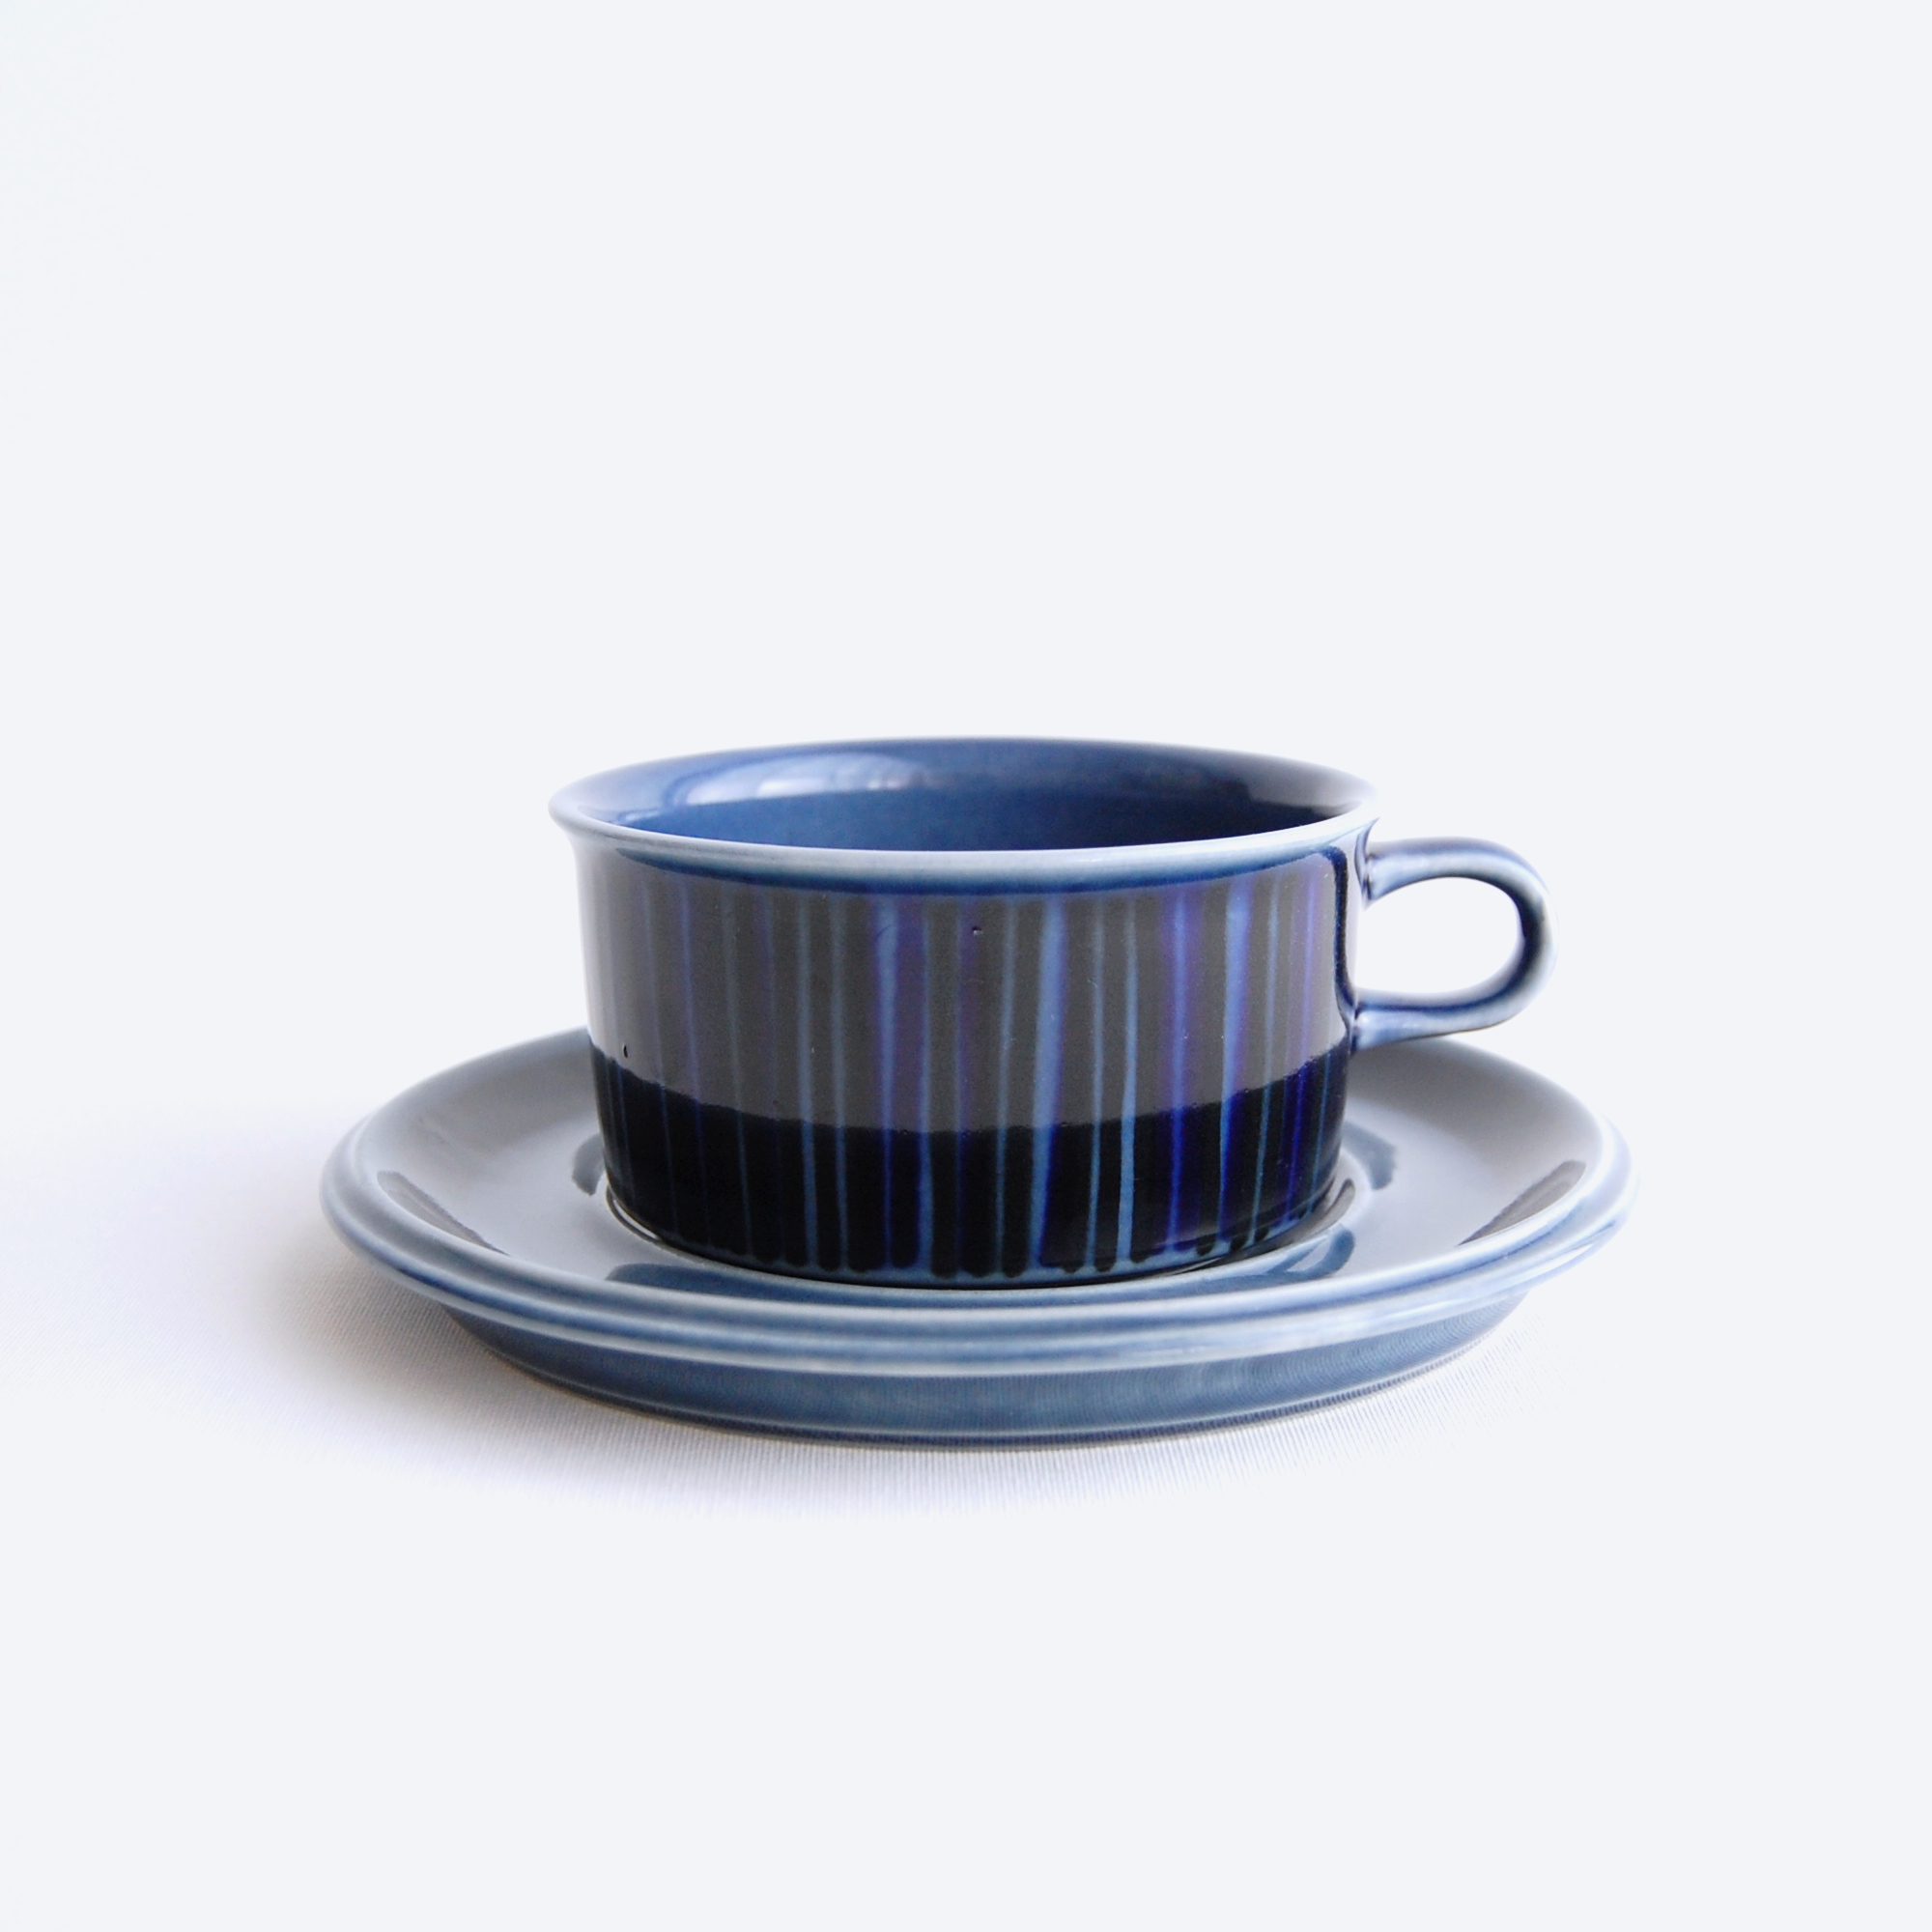 【お取置き中】ARABIA/アラビア Kosmos/コスモス(ブルー) ティーカップ&ソーサー 004